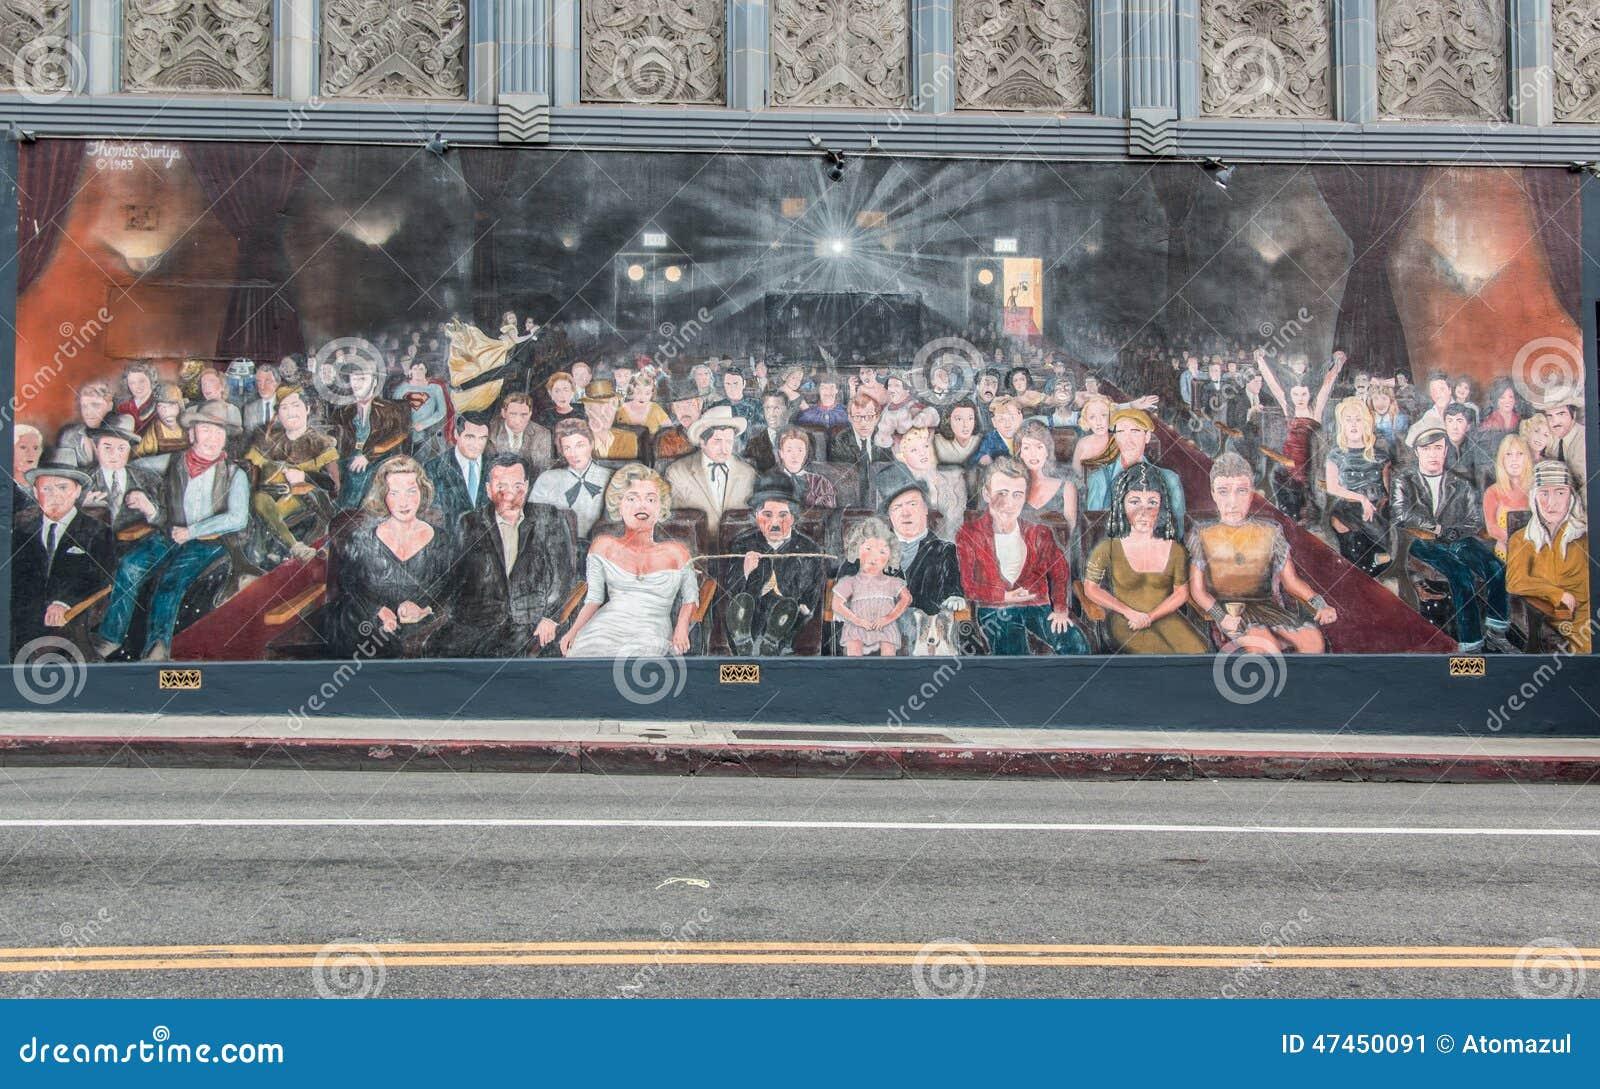 18 Best Celebrity Design images | Murals your way, Mural ...